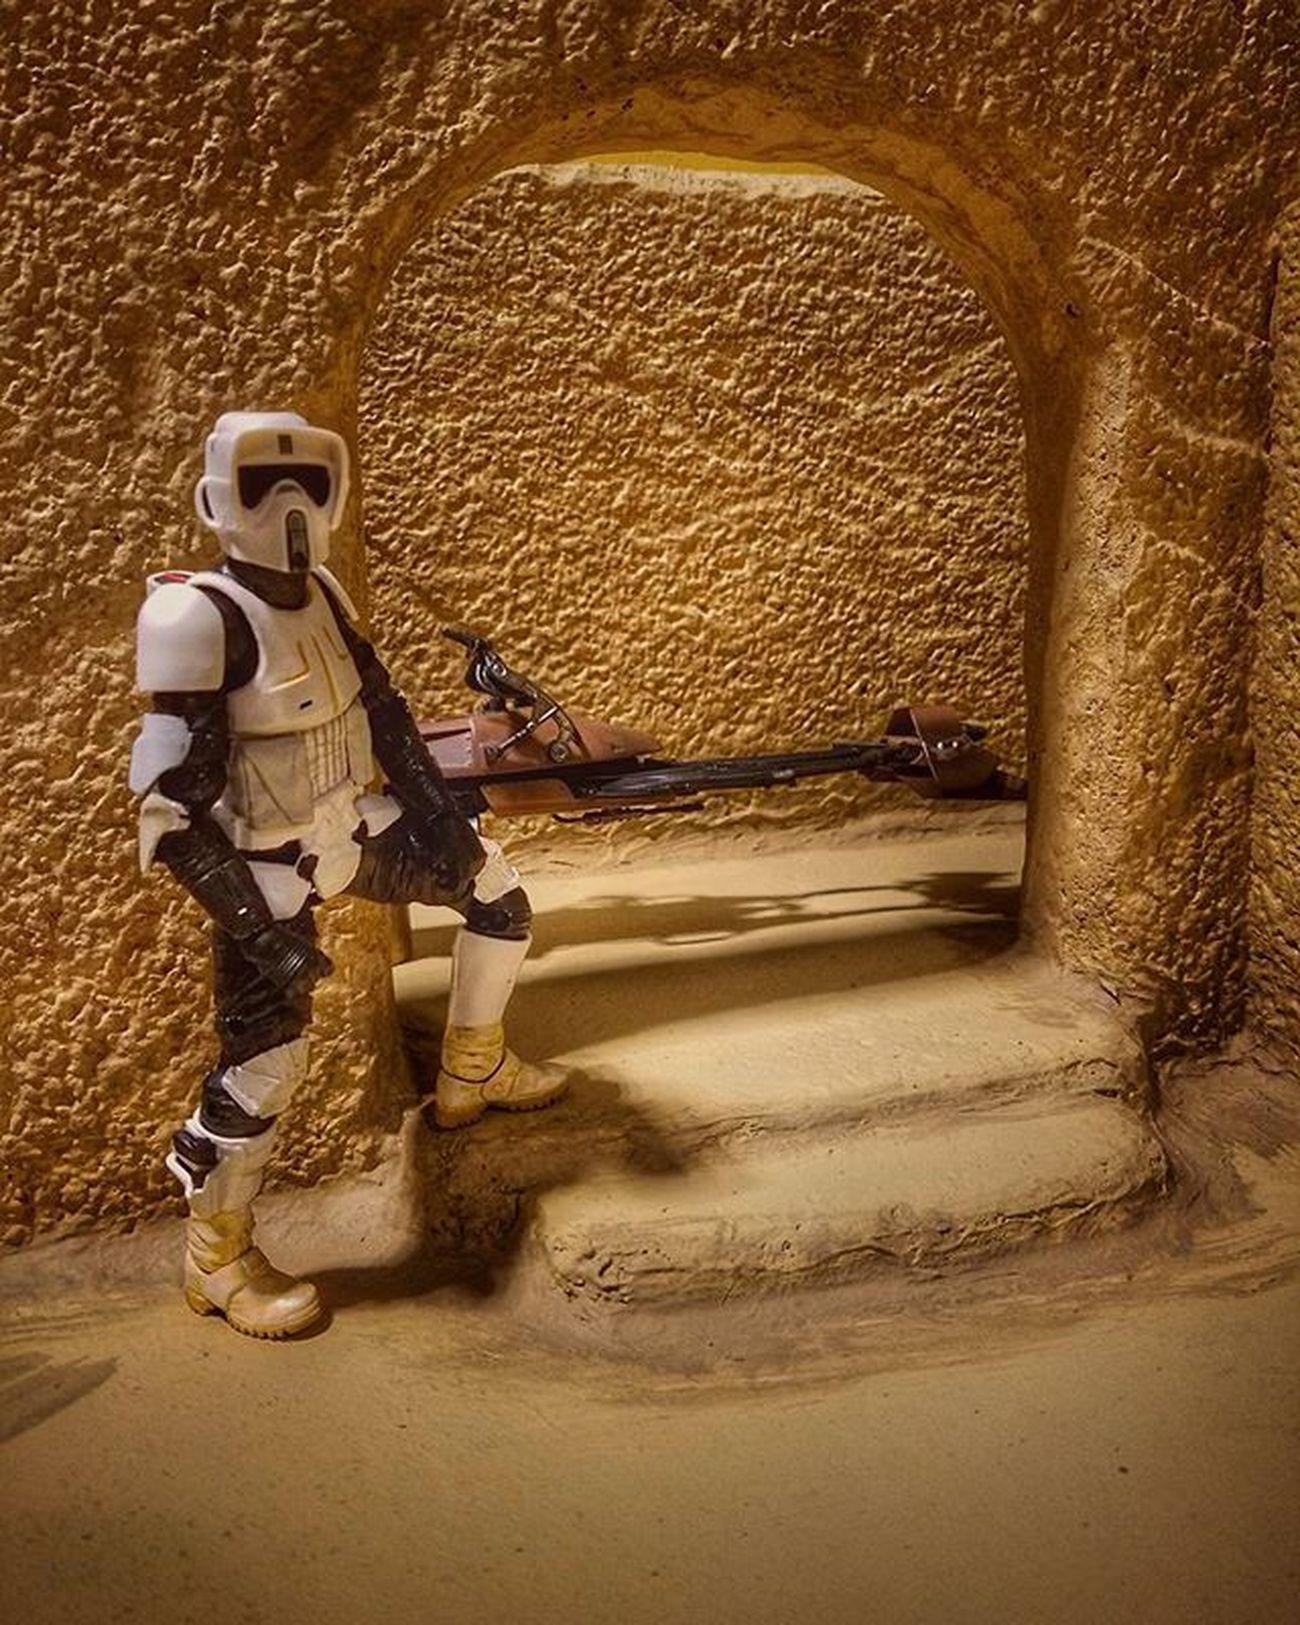 Patroling Sandtooine. Starwars Starwarstoyfigures Starwarsblackseries Toyphotography Tatooine Sandtooine Scouttrooper Speederbike Starwarstheblackseries Lookingforthosedroids